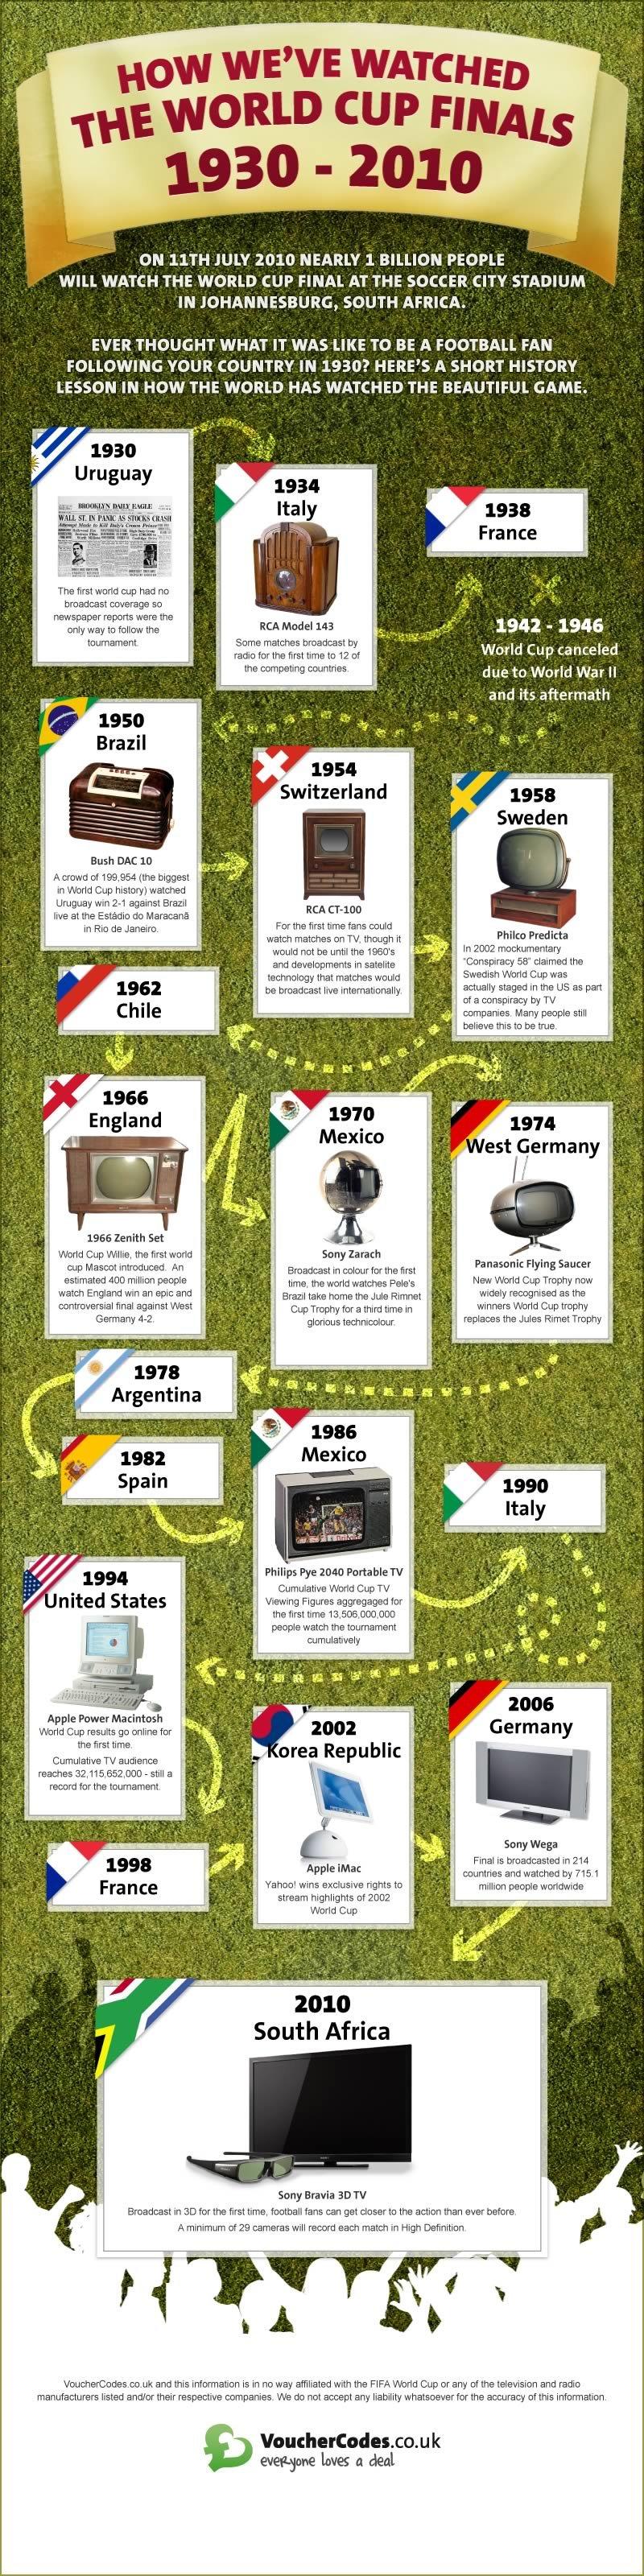 كيف شاهد العالم #كأس_العالم من 1930 إلى 2010 #انفوجرافيك